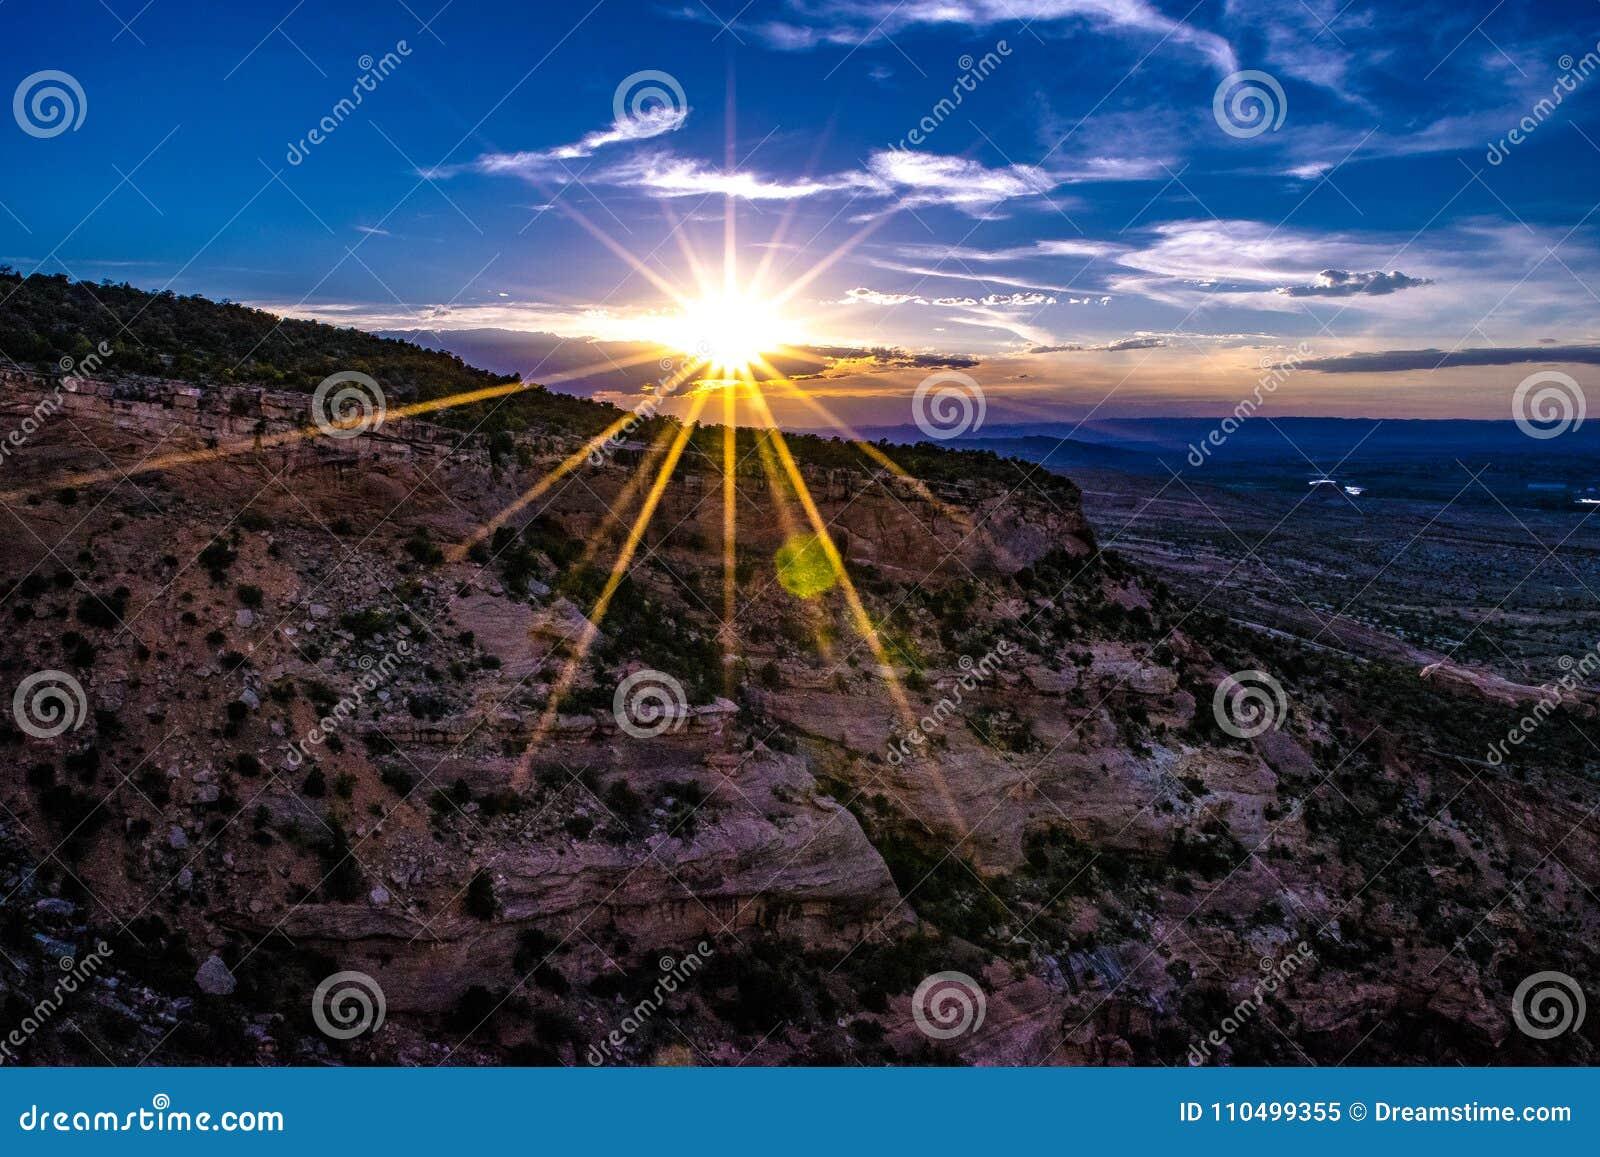 Ηλιοβασίλεμα μέσω του φαραγγιού φαραγγιών στα μνημεία στο Γκραντ Τζάνκσον, Κολοράντο